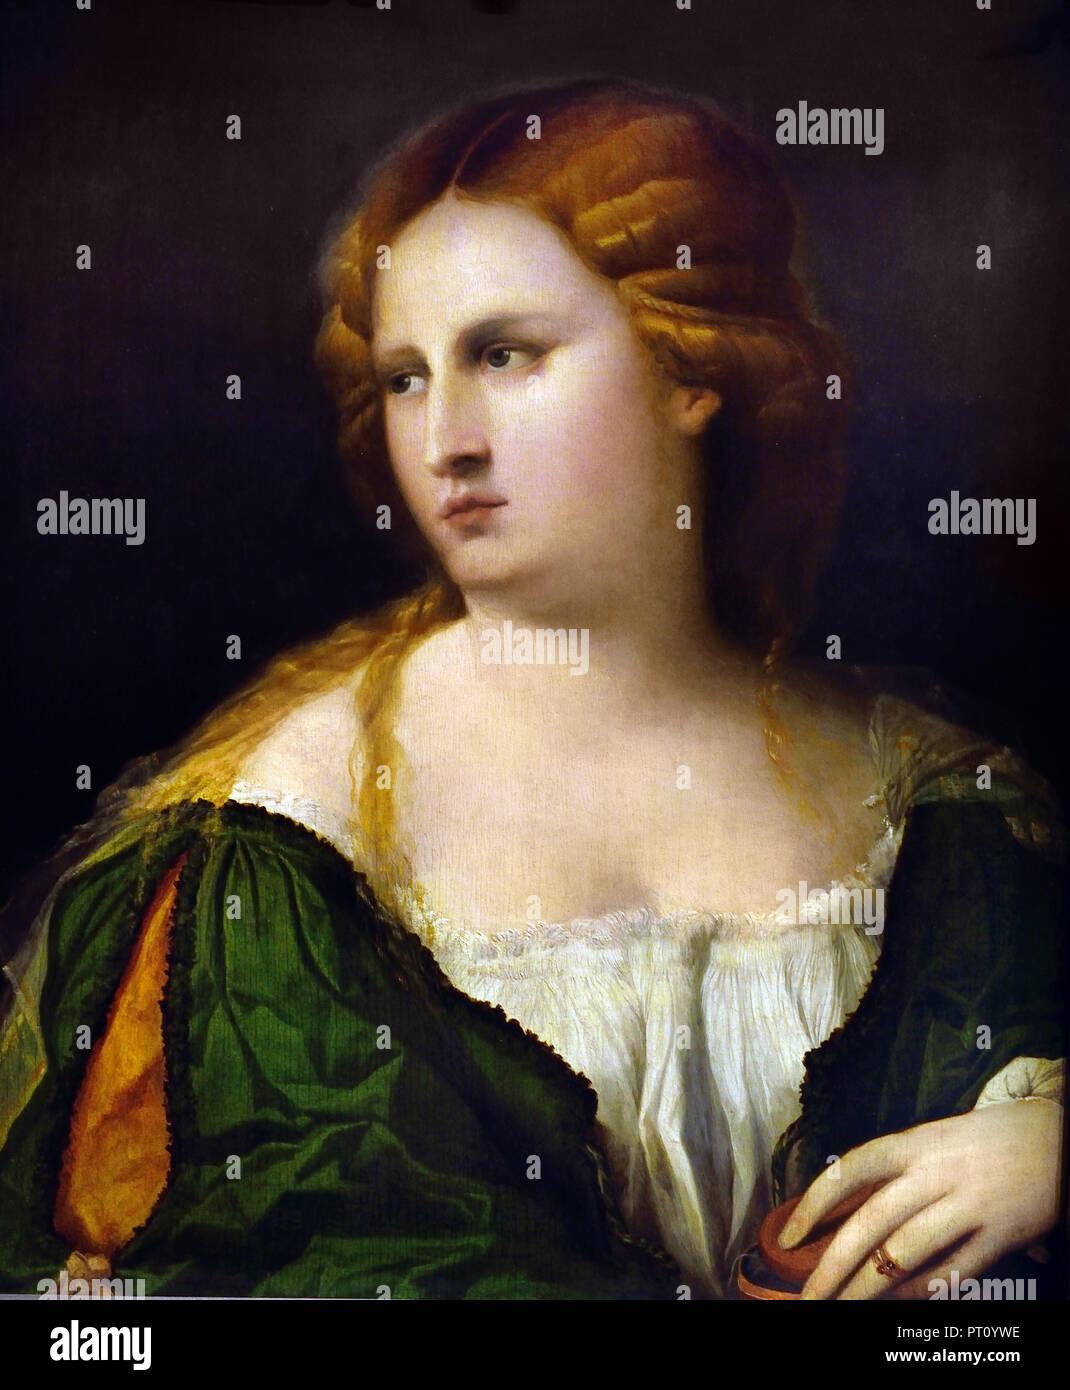 Junge Frau im grünen Kleid 1512 Palma Vecchio (1480-1528) Maler des 15. Jahrhunderts Venedig Italien Stockbild